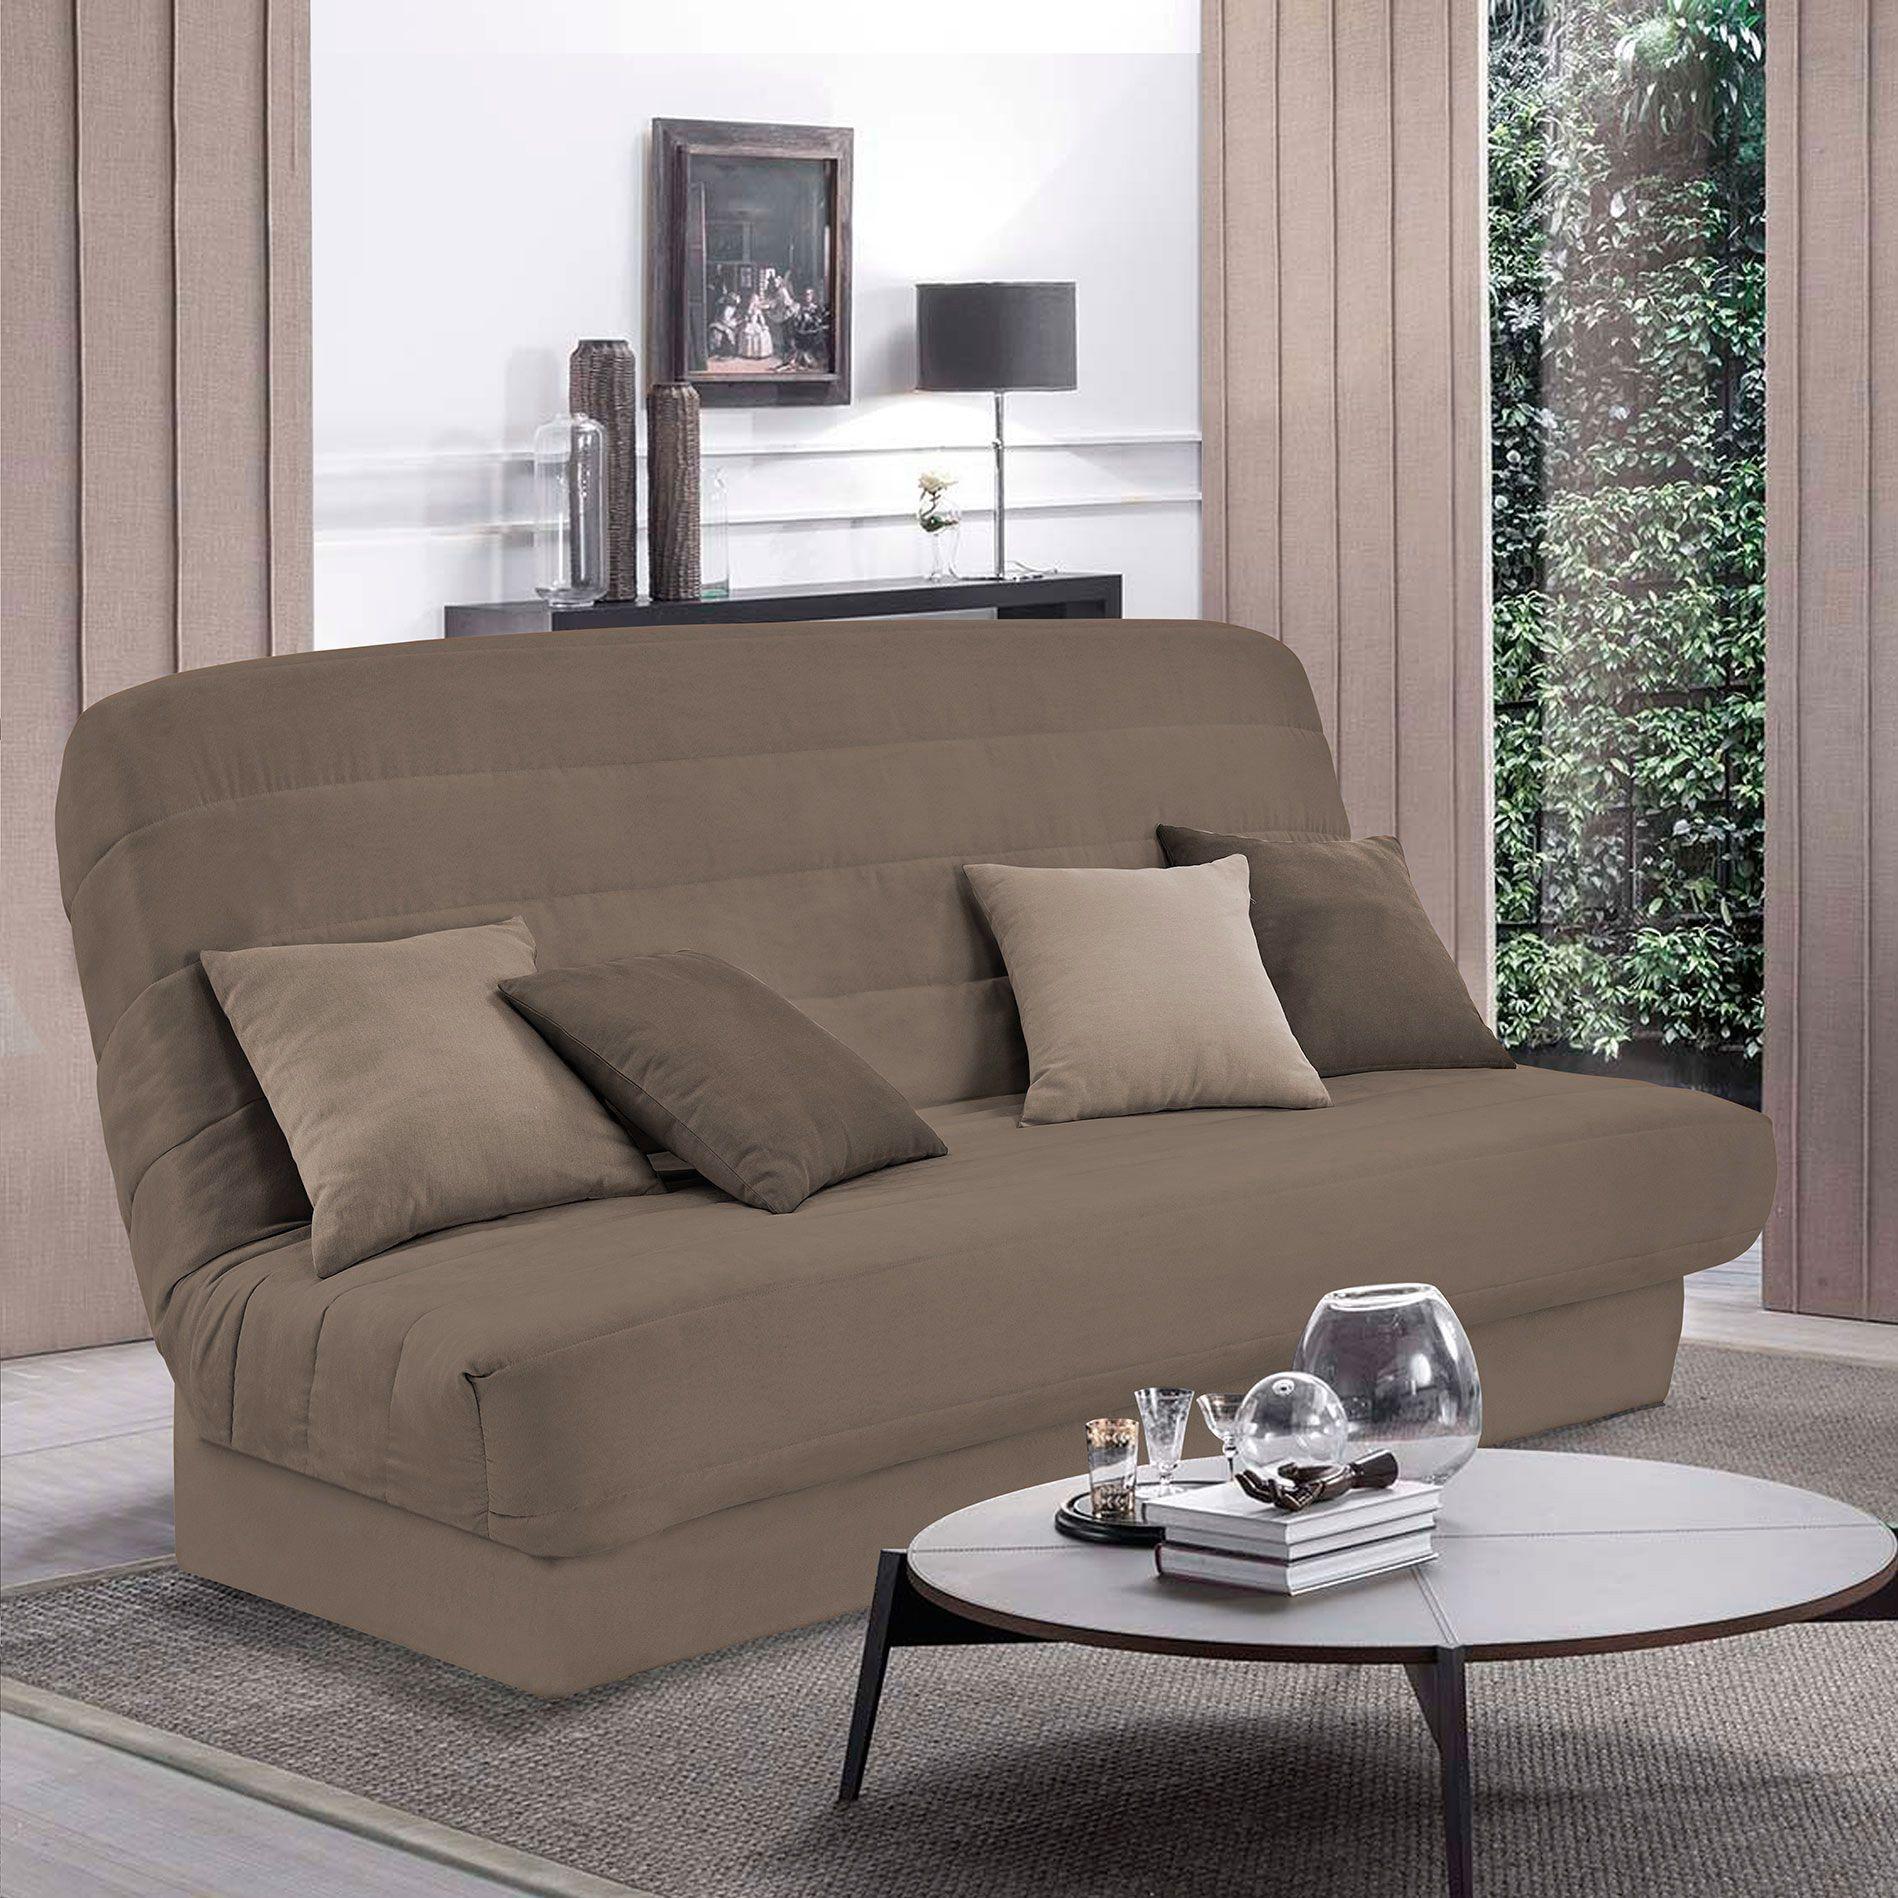 bande socle pour clic clac simple terre de nuit housse. Black Bedroom Furniture Sets. Home Design Ideas